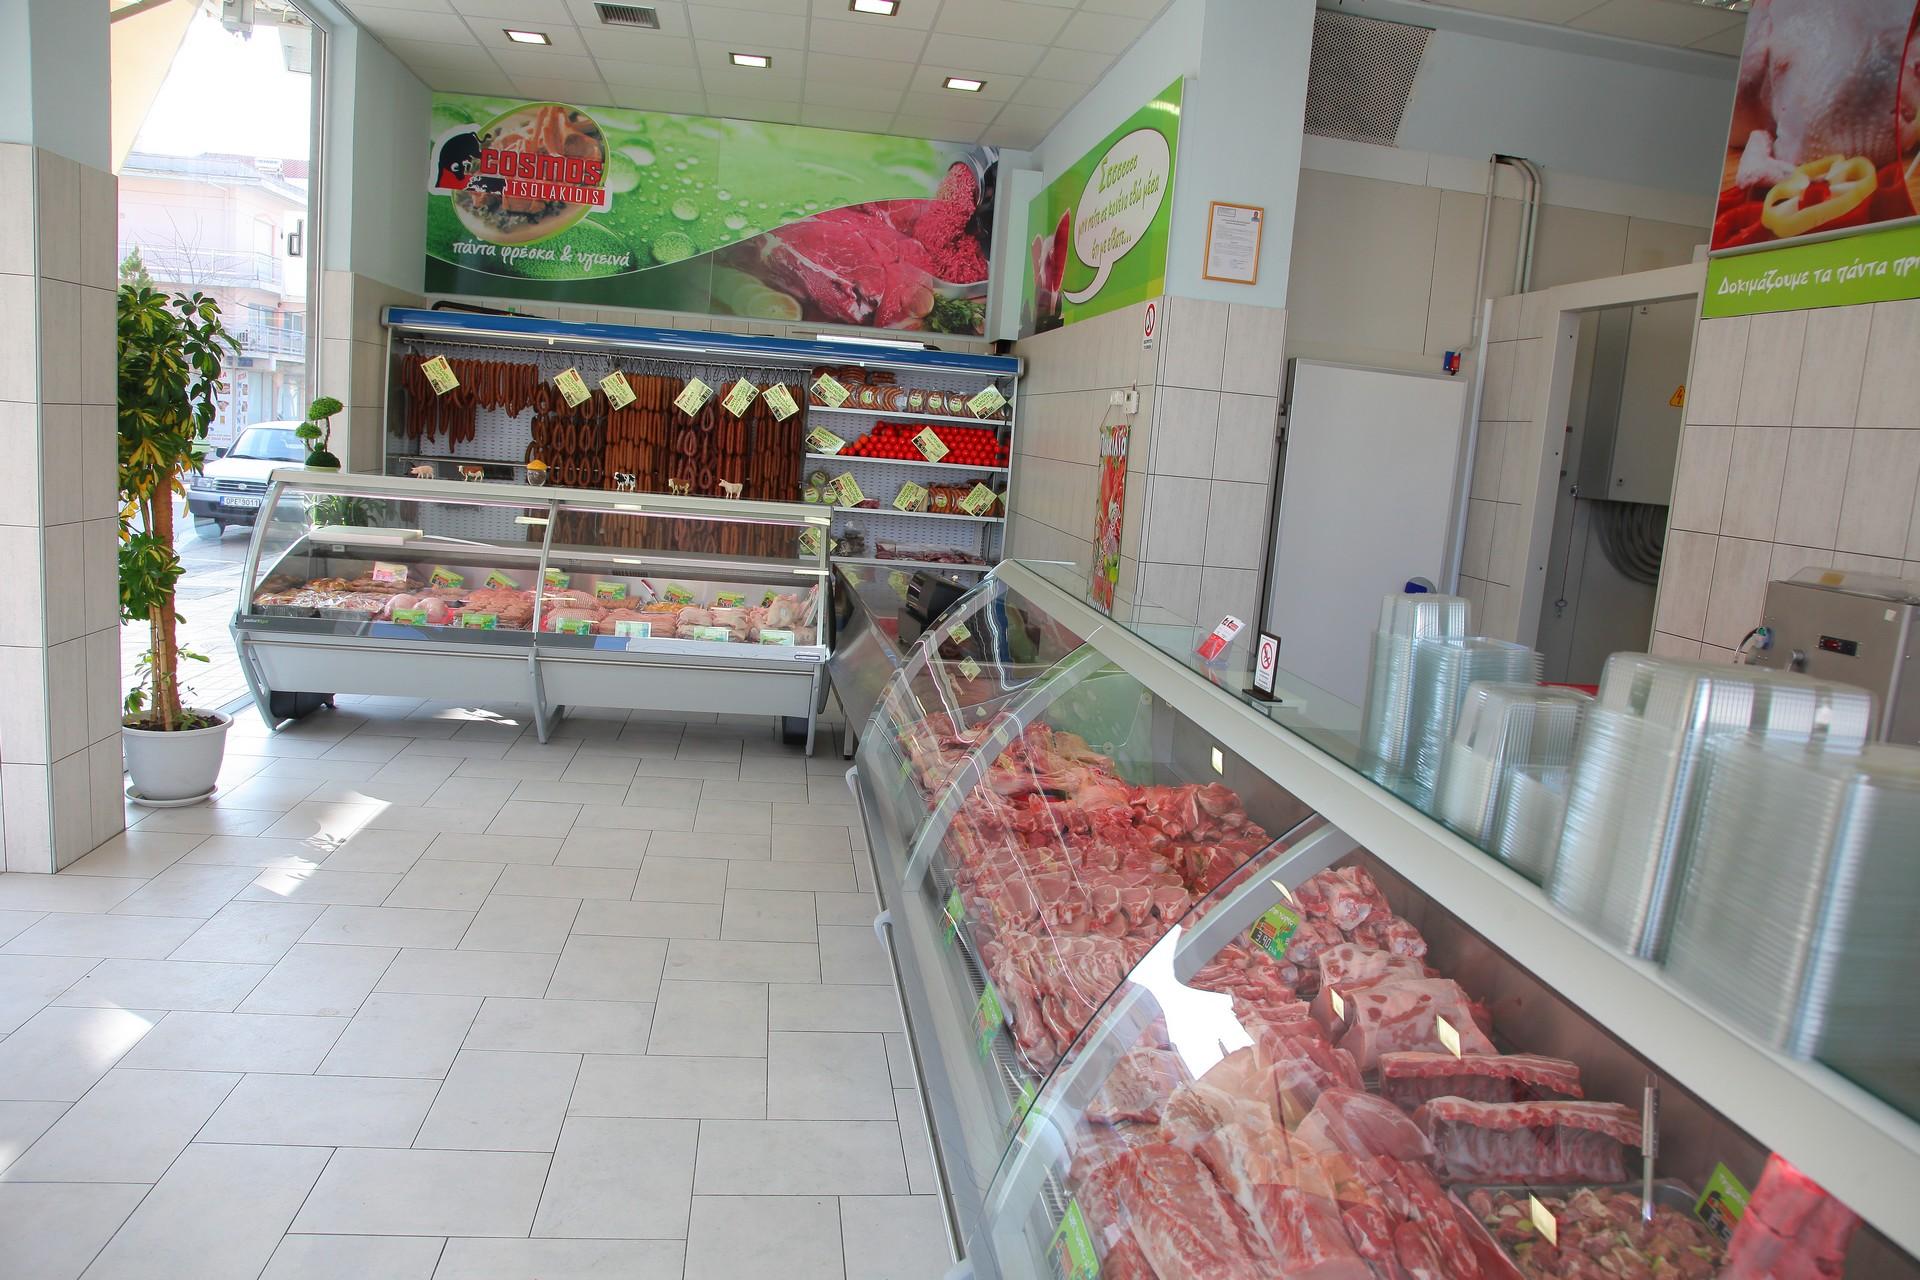 Η λιανική διάθεση στην Ορεστιάδα γίνεται από την «Κρεαταγορά», το υποκατάστημα στην καρδιά της πολύς, στην αρχή της οδού της λαϊκής.